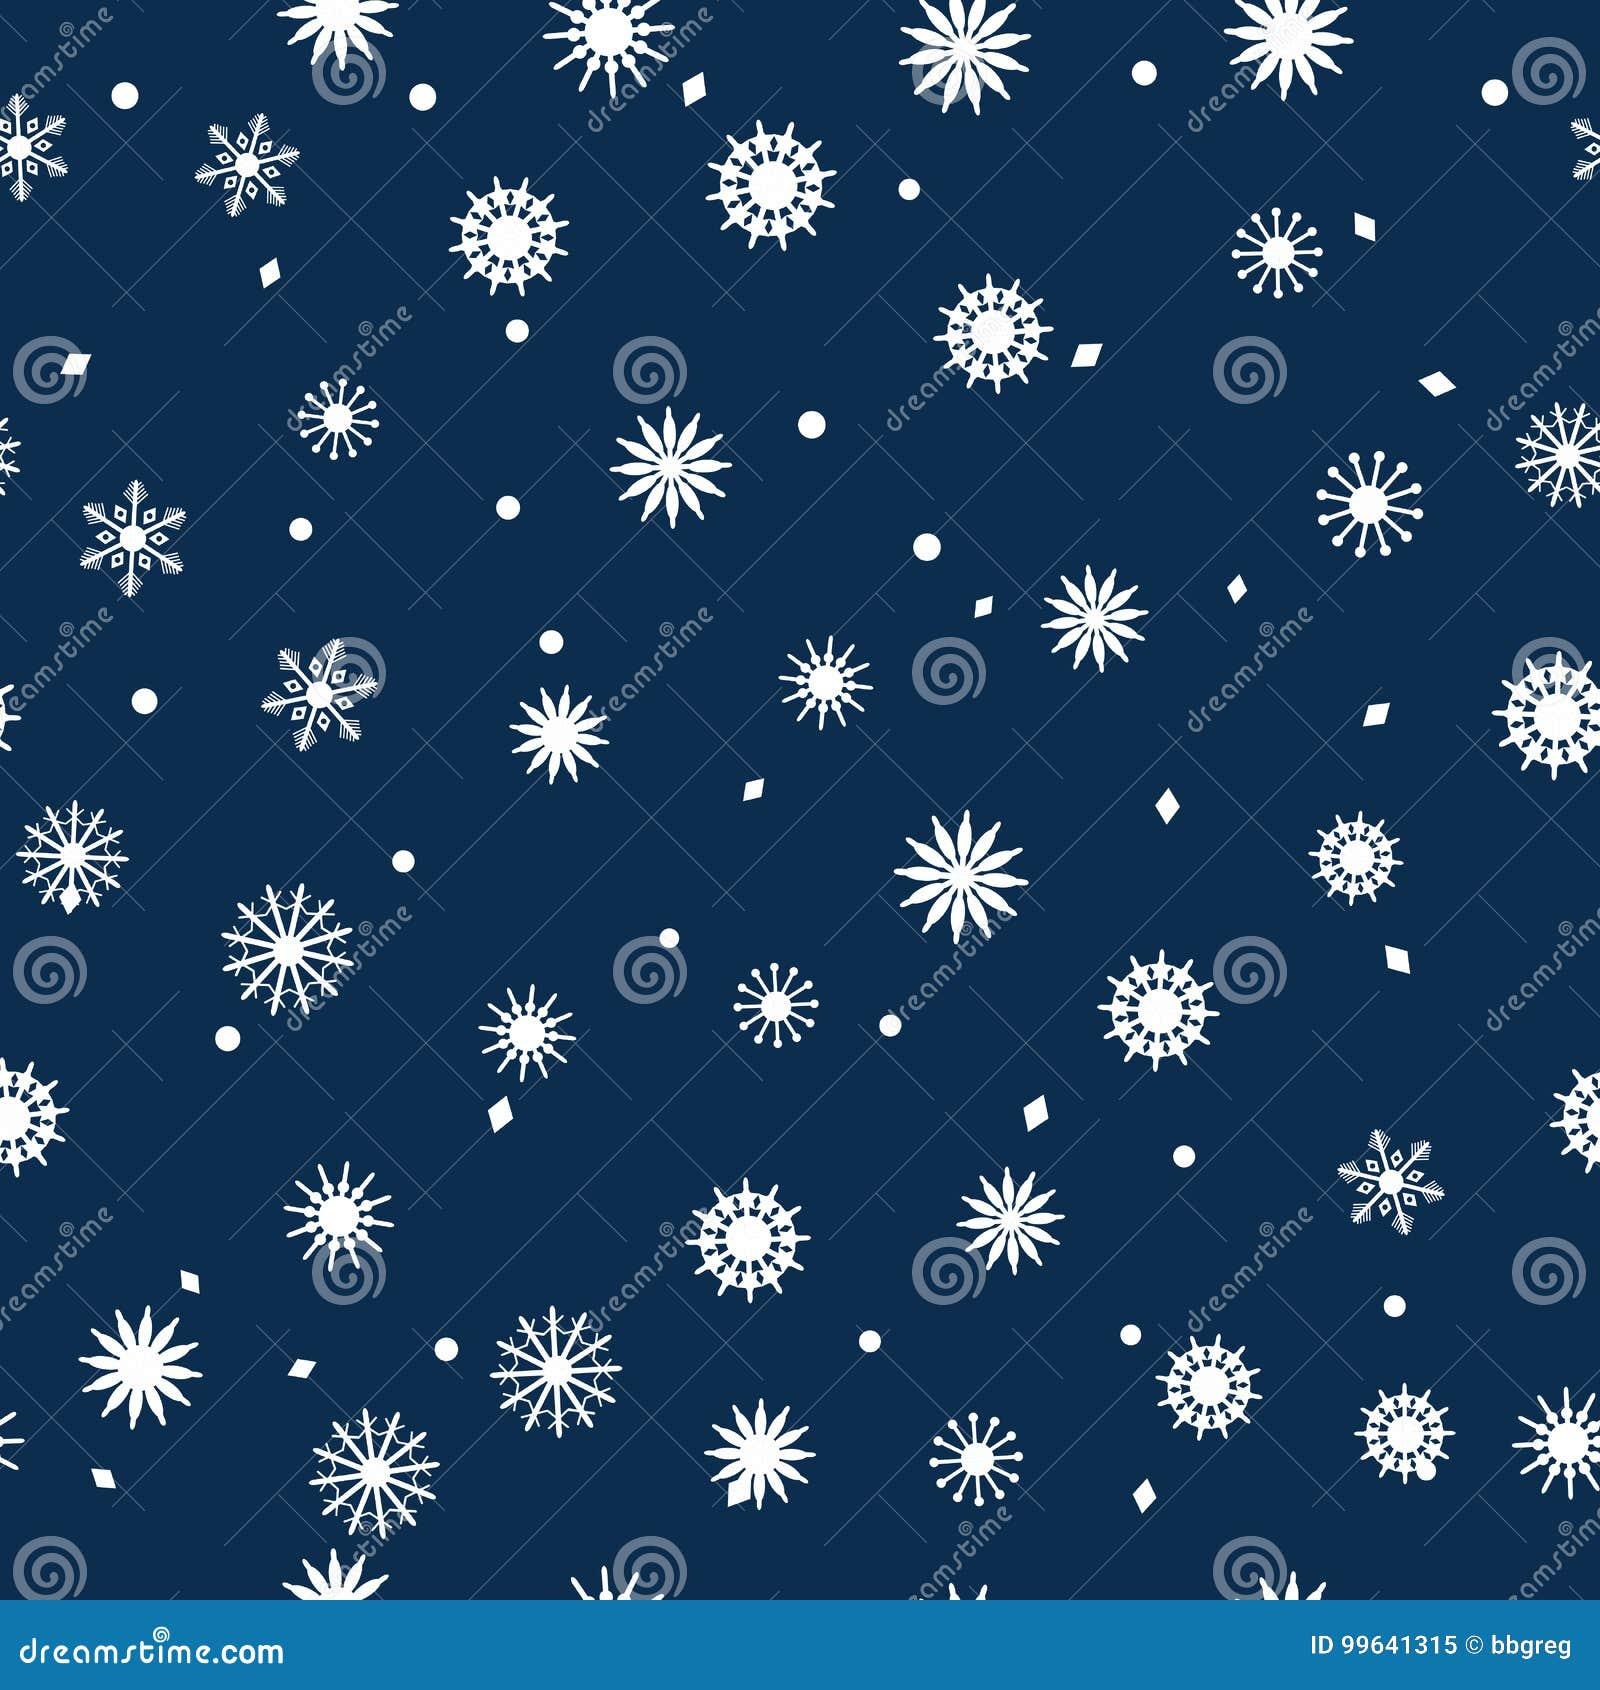 Einfaches Nahtloses Muster Von Schneeflocken Auf Einem Dunkelblauen ...